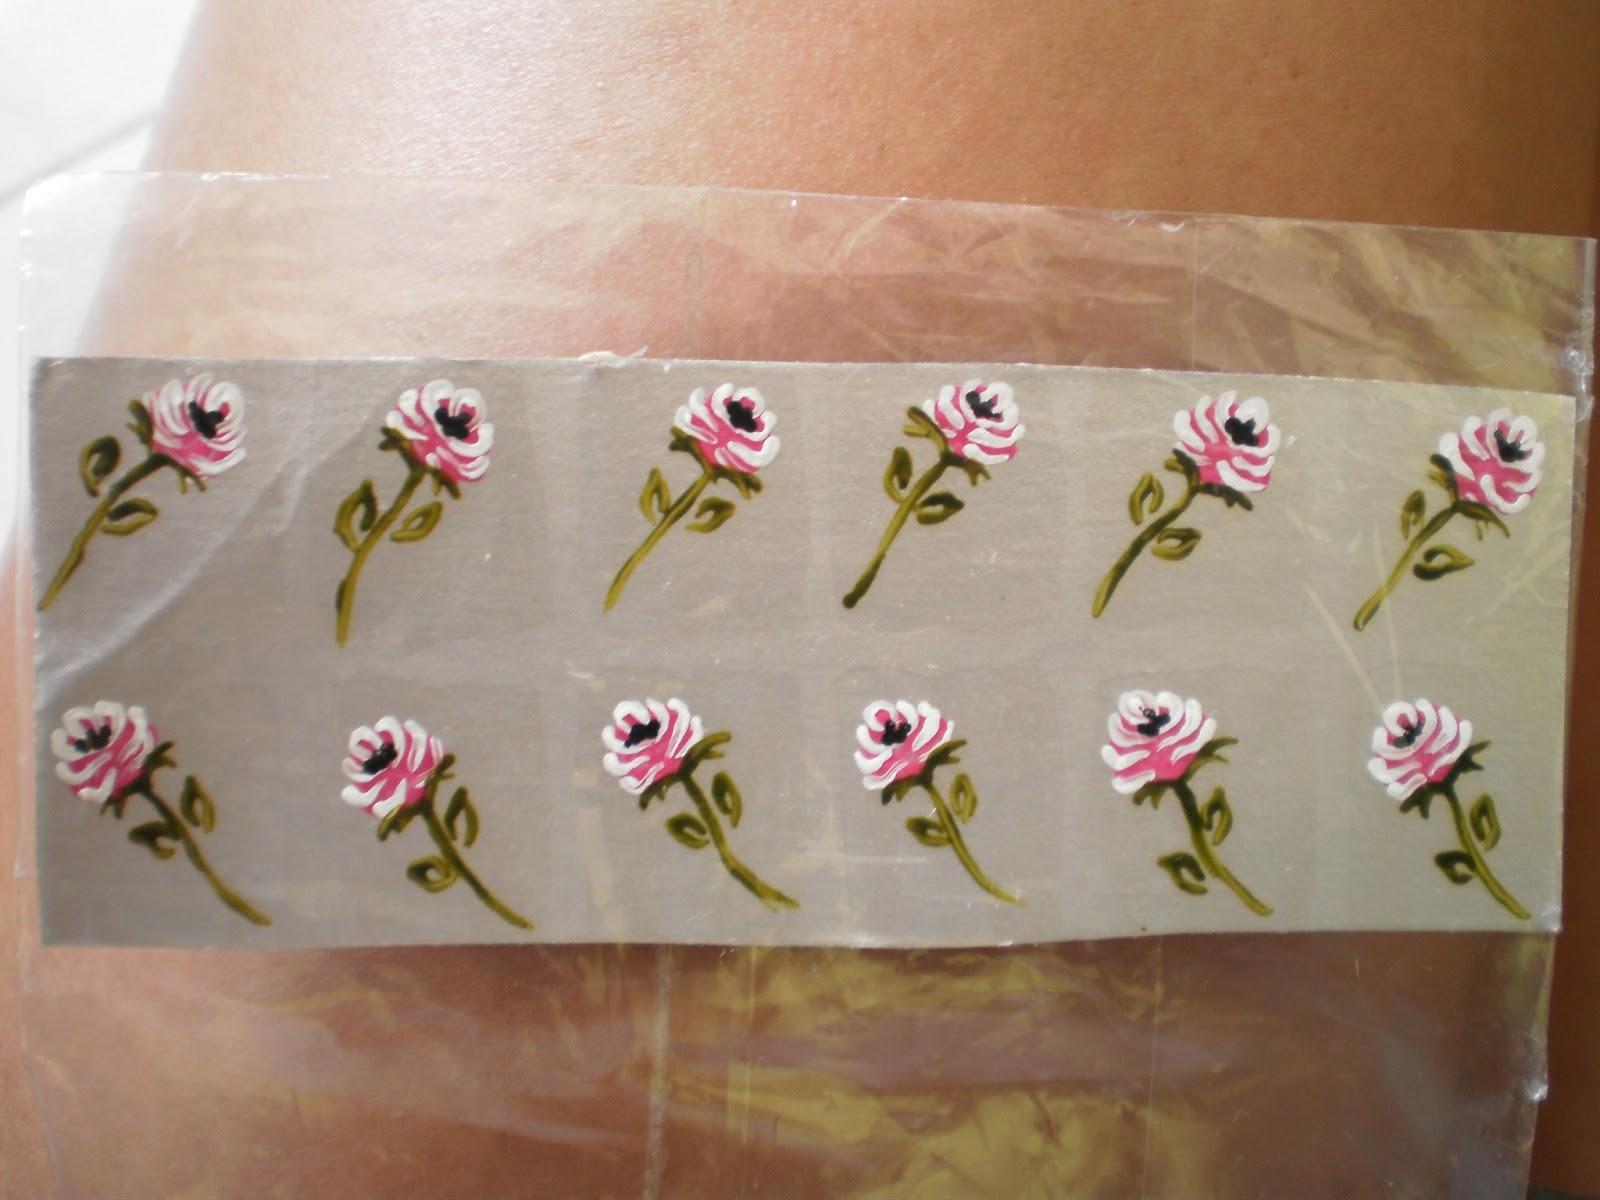 Desenhos Para Unhas Em Caixas De Leite Adesivos Feitos Em Casa LZK  #99324D 1600x1200